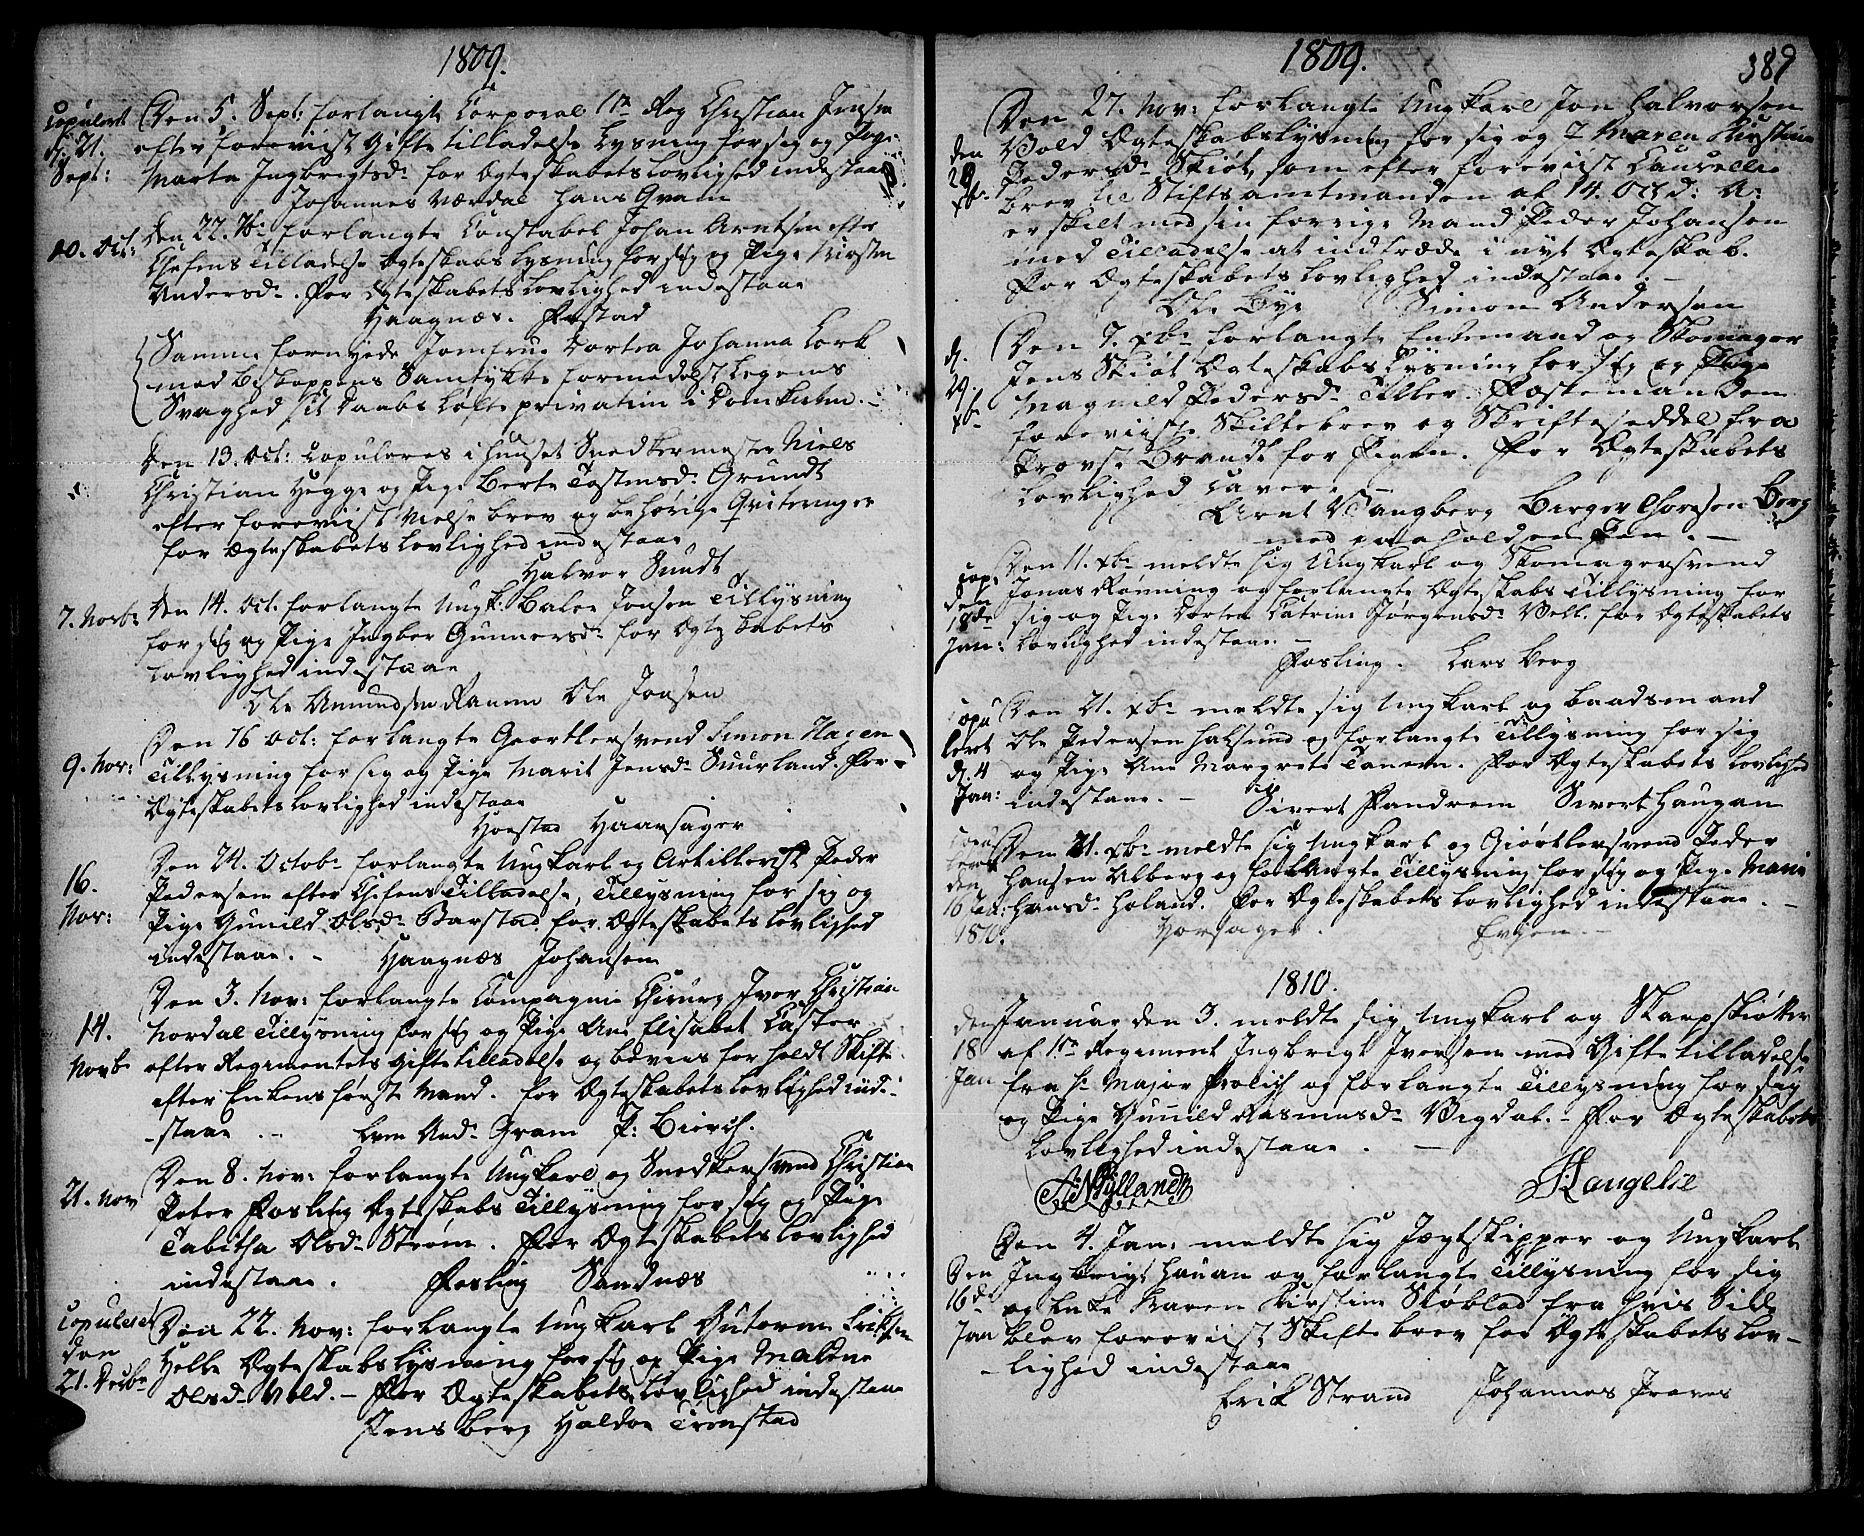 SAT, Ministerialprotokoller, klokkerbøker og fødselsregistre - Sør-Trøndelag, 601/L0038: Ministerialbok nr. 601A06, 1766-1877, s. 389